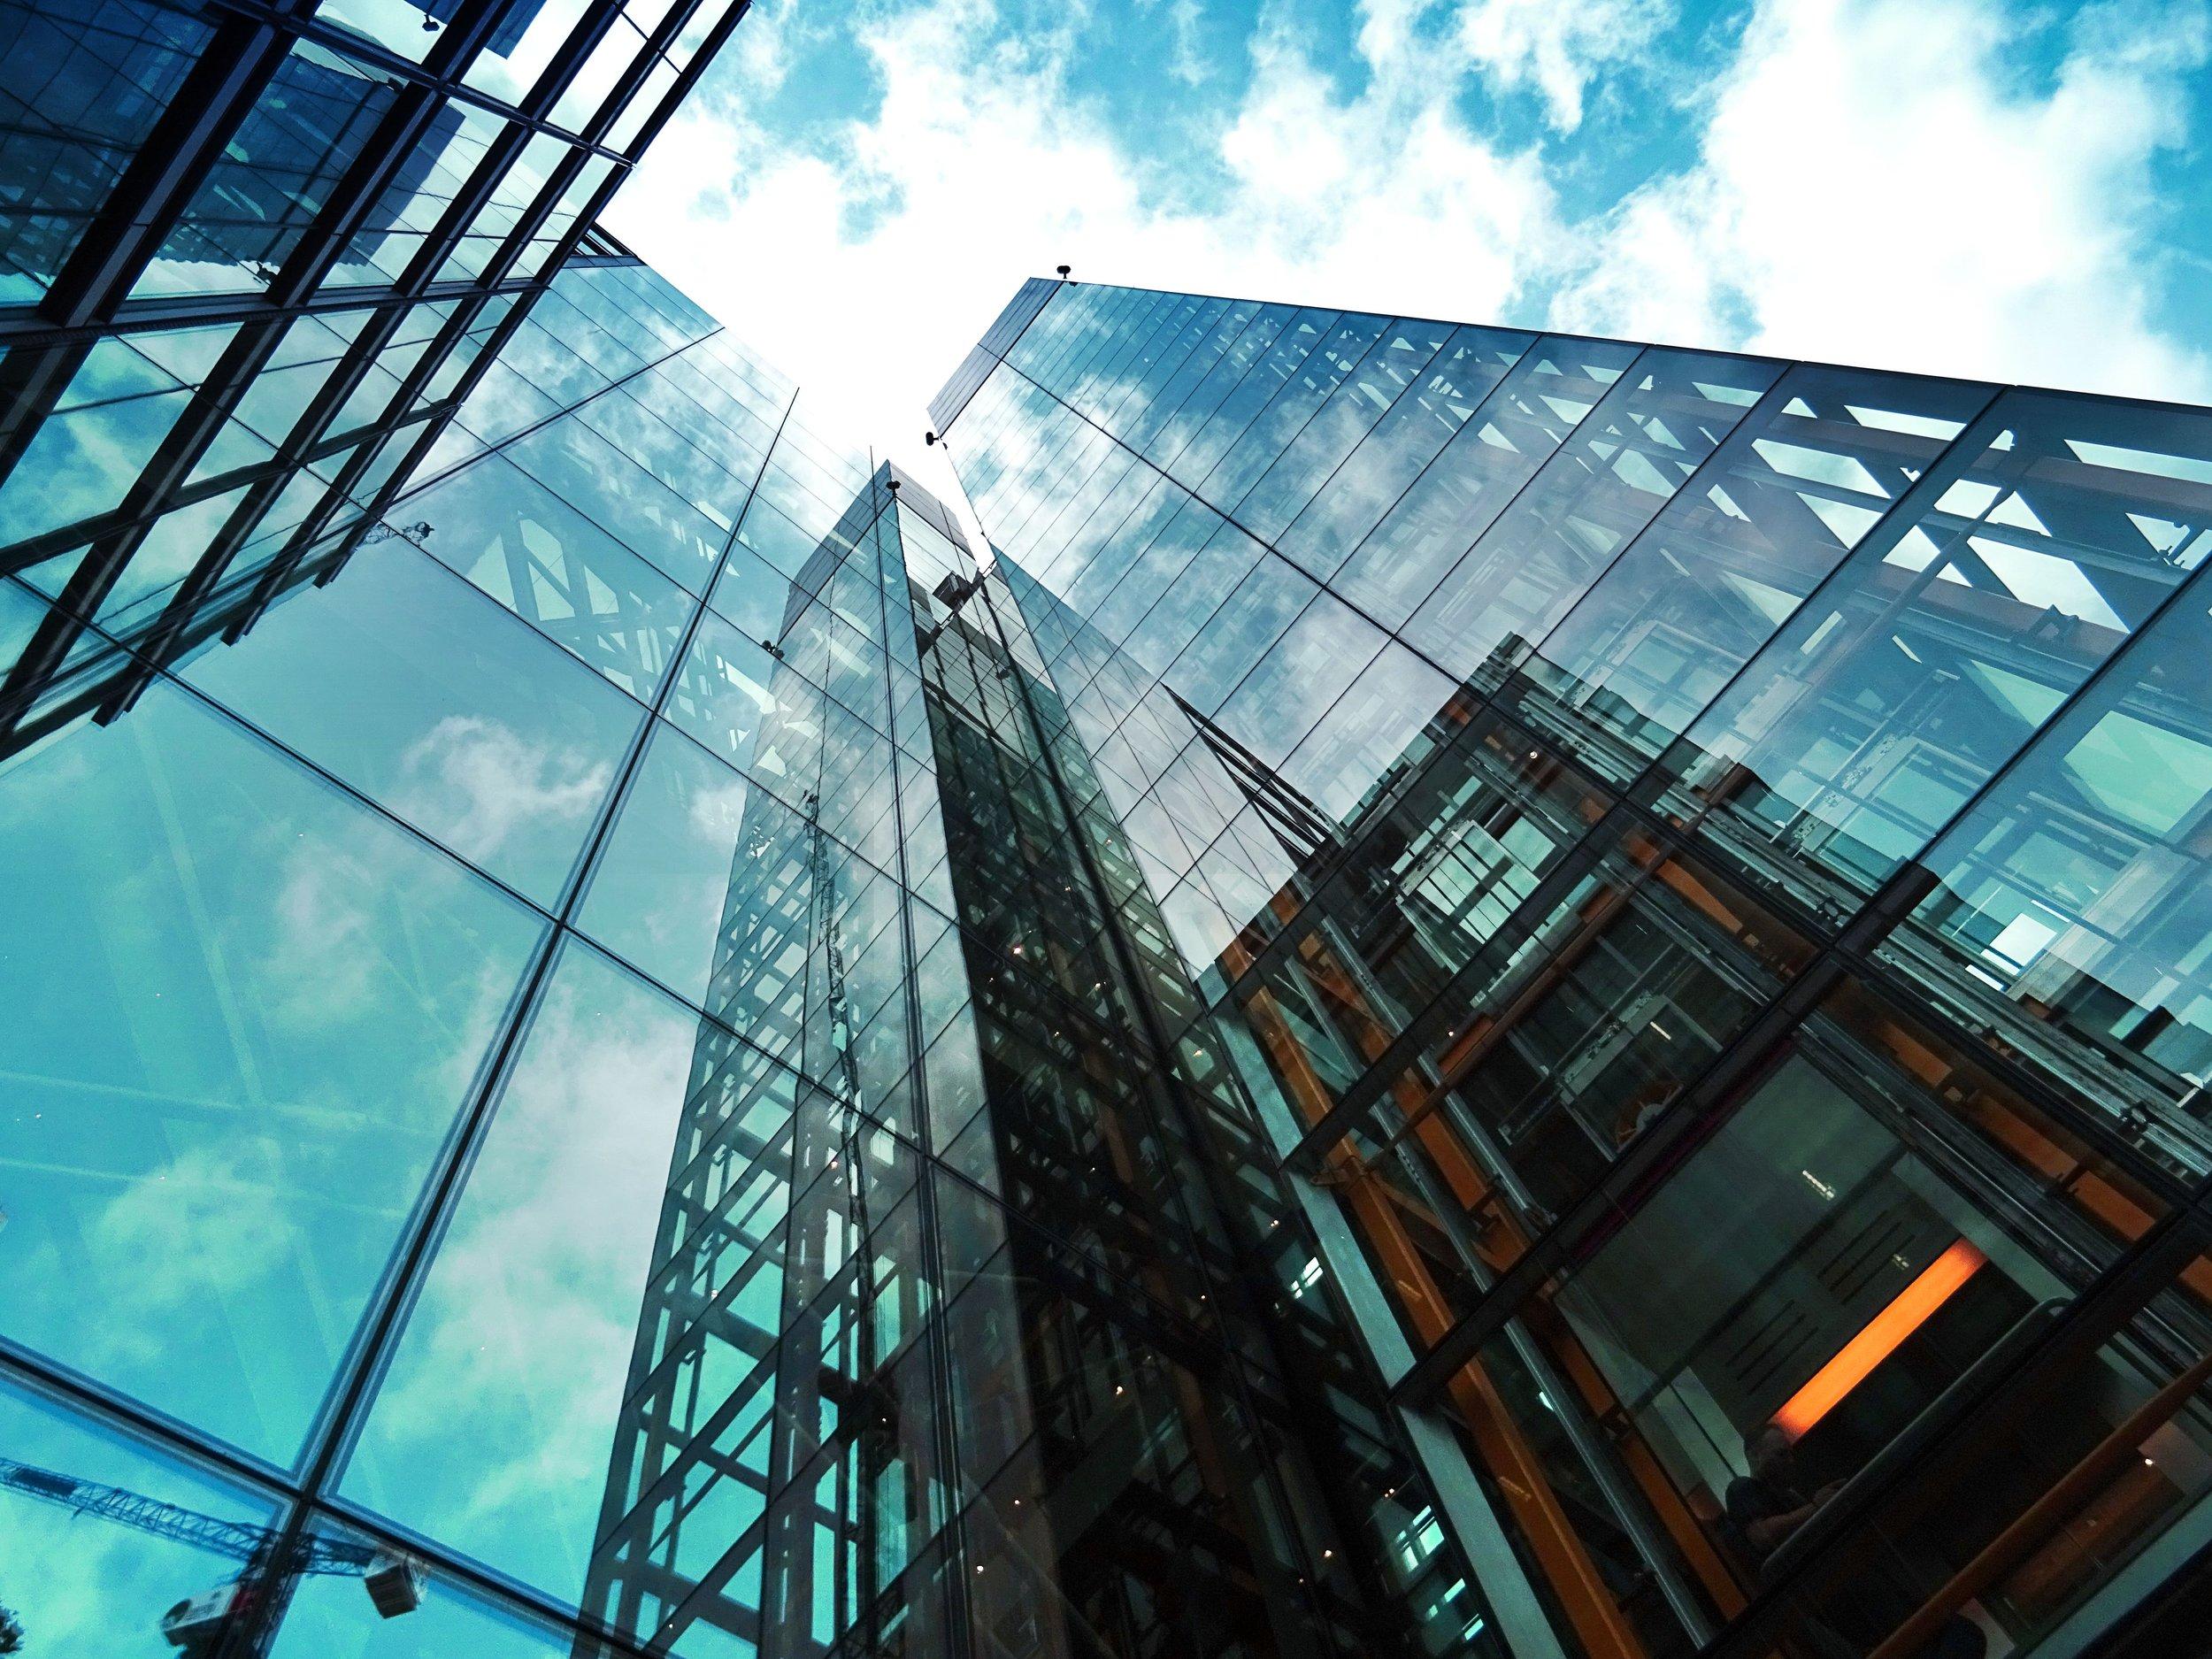 Análisis de Ciclo de Vida de Edificios   Generamos análisis de ciclo de vida de edificios para determinar su impacto ambiental y así aportar a la certificación LEED.